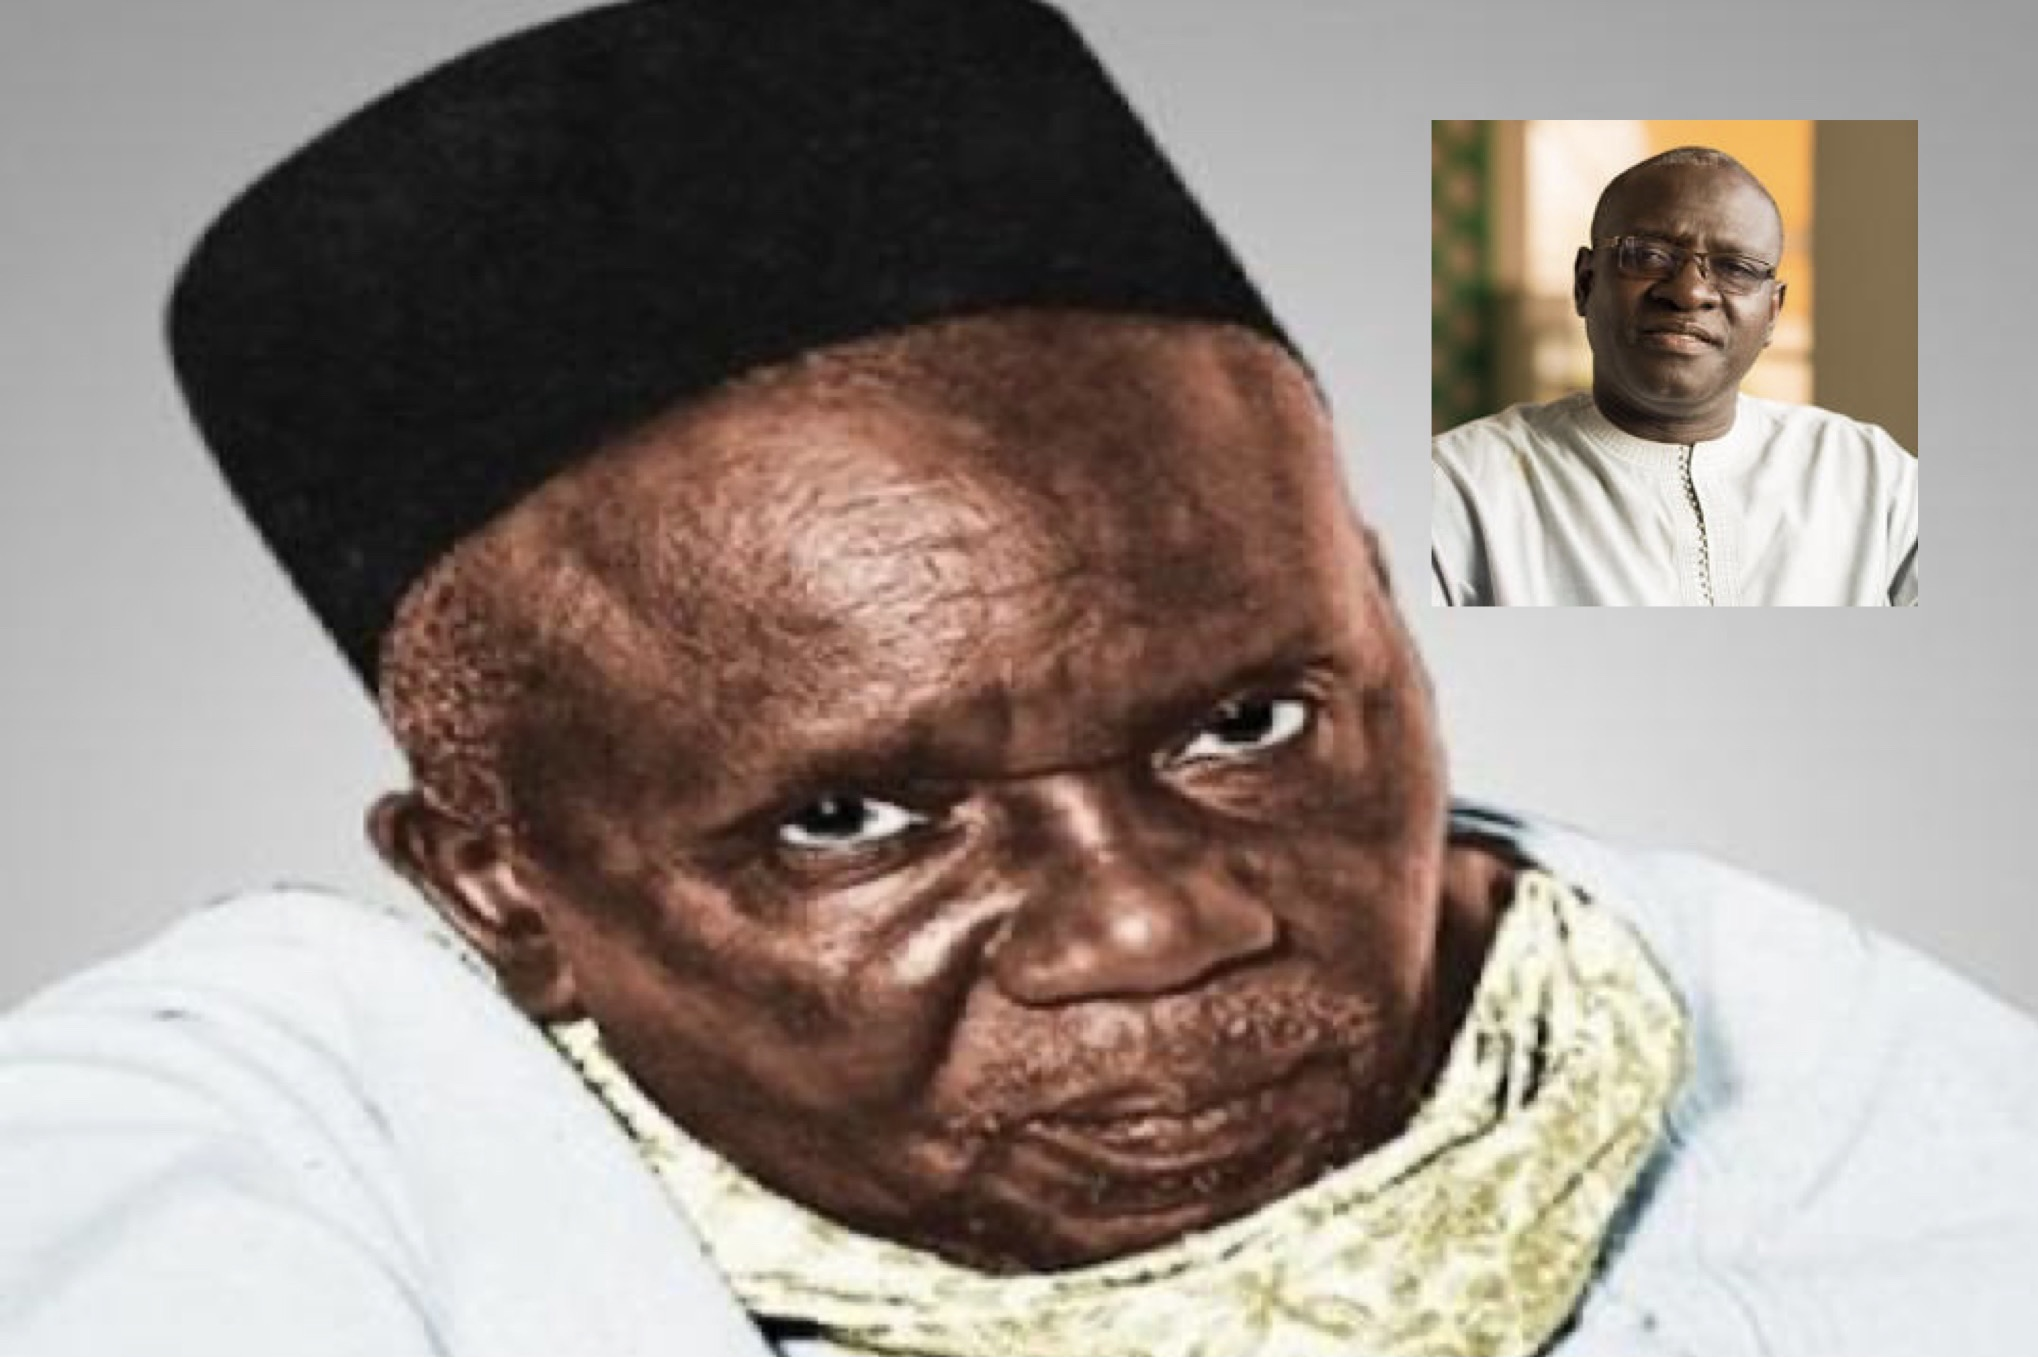 Serigne Babacar Sy : l'orfèvre, le legs et le joyau aux générations futures (Par  Dr Bakary SAMBE)